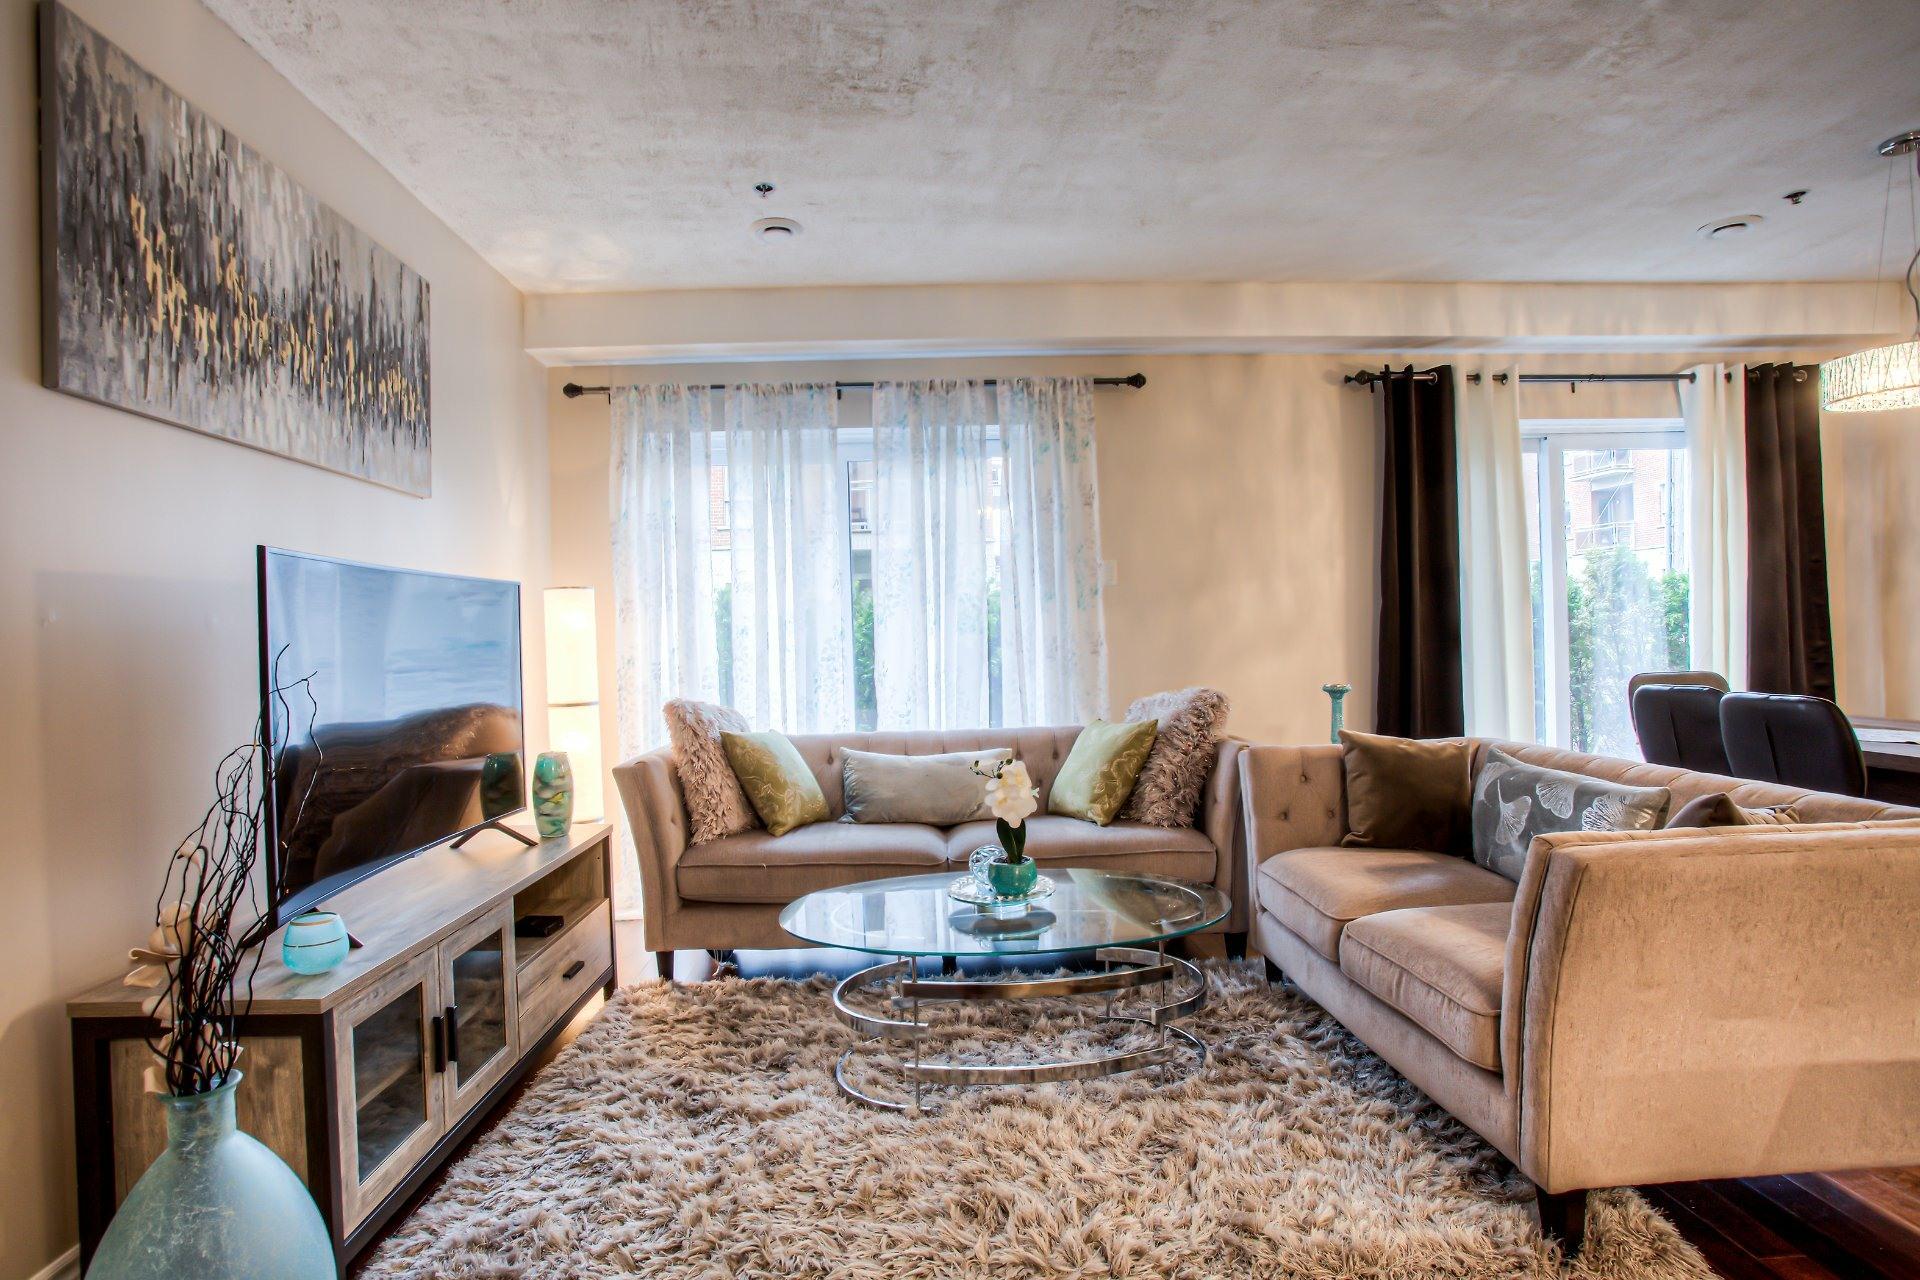 image 11 - Apartment For sale Saint-Laurent Montréal  - 9 rooms